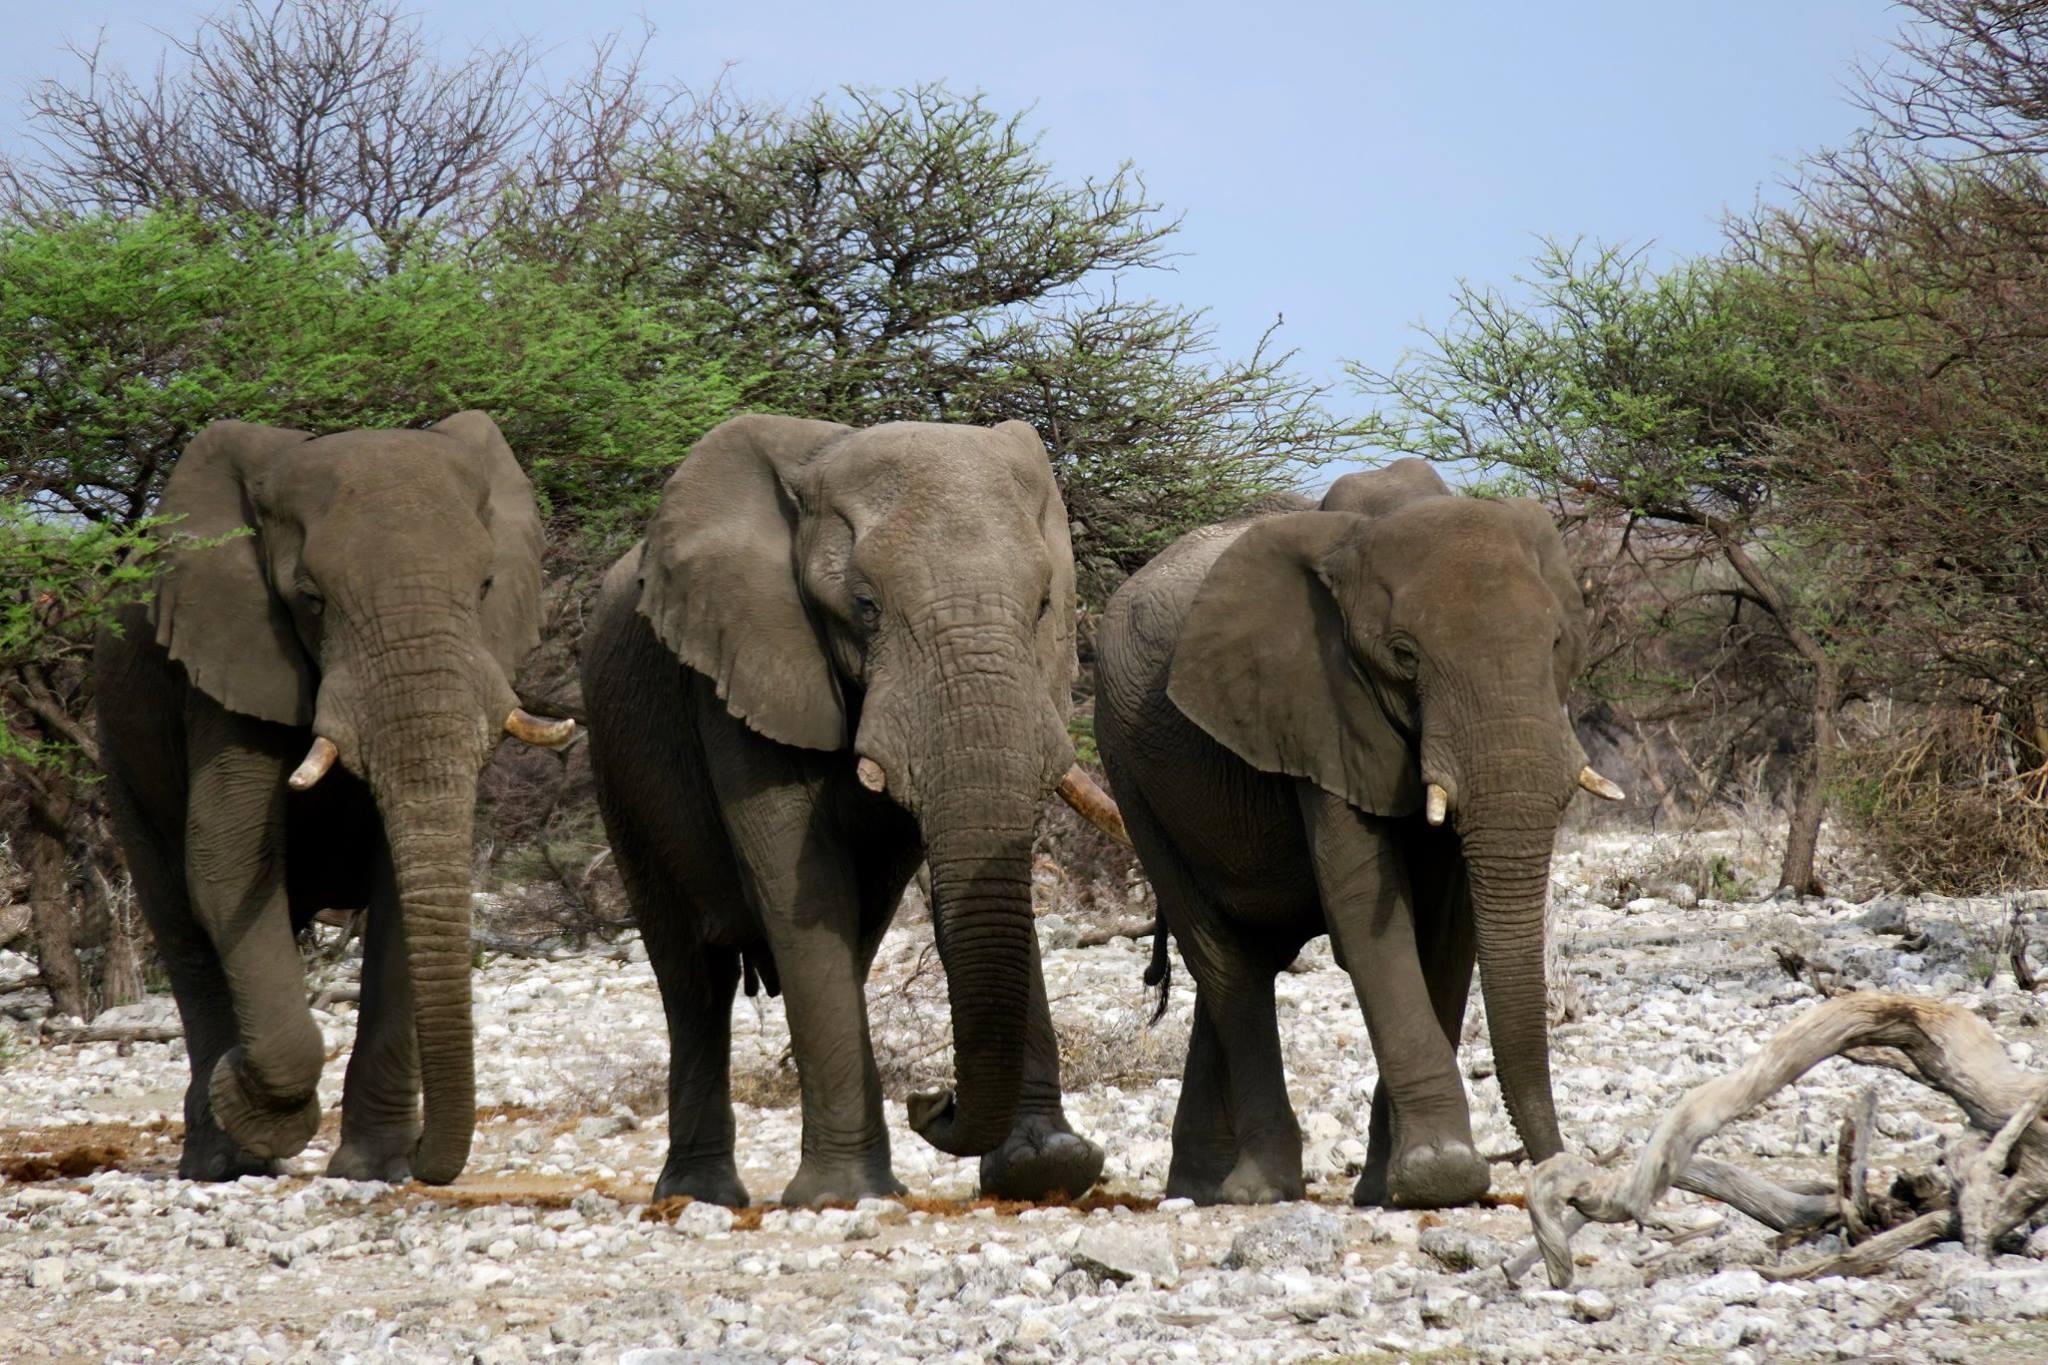 水飲み場に集まるオス象たち